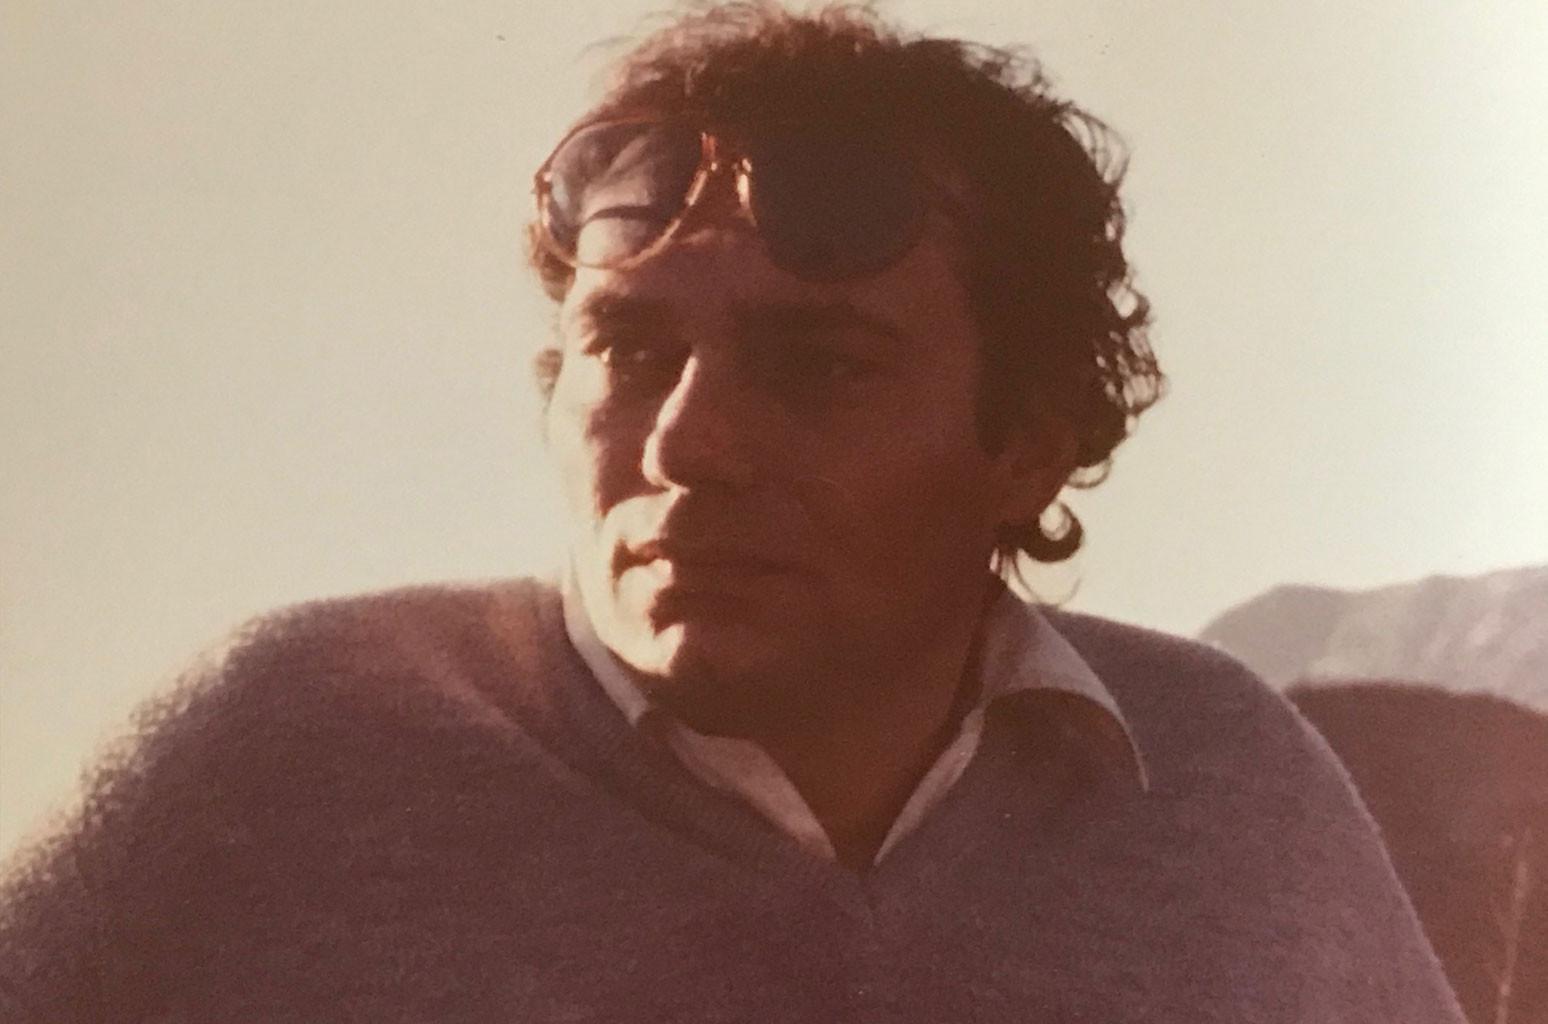 Bob Engel